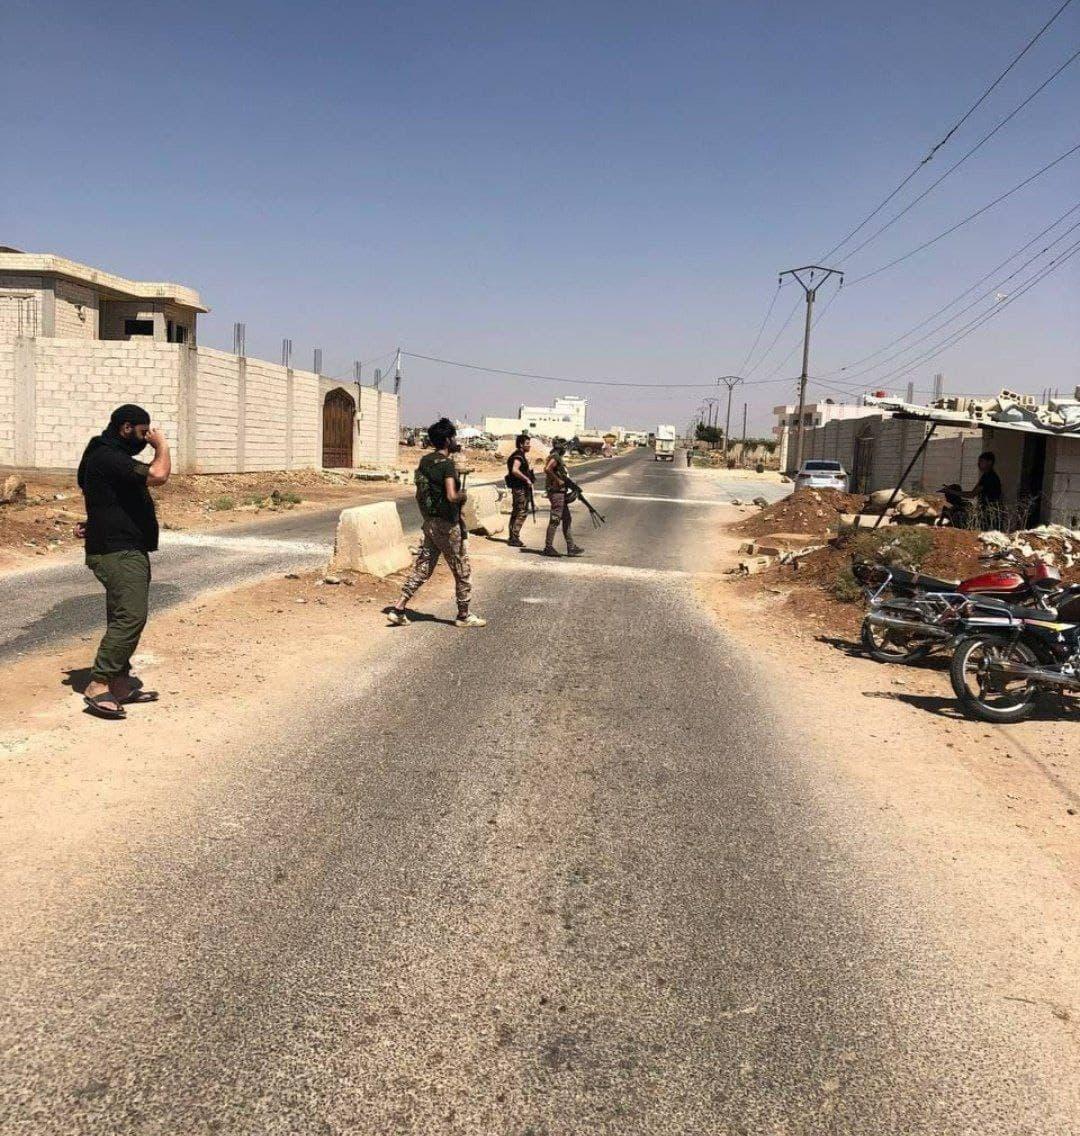 جزئیات تحرکات مشکوک آمریکاییها و انگلیسیها در جنوب سوریه/ دمشق در آستانه یکسرهکردن کار تروریستها در استان درعا پس از ۳ سال + نقشه میدانی و عکس